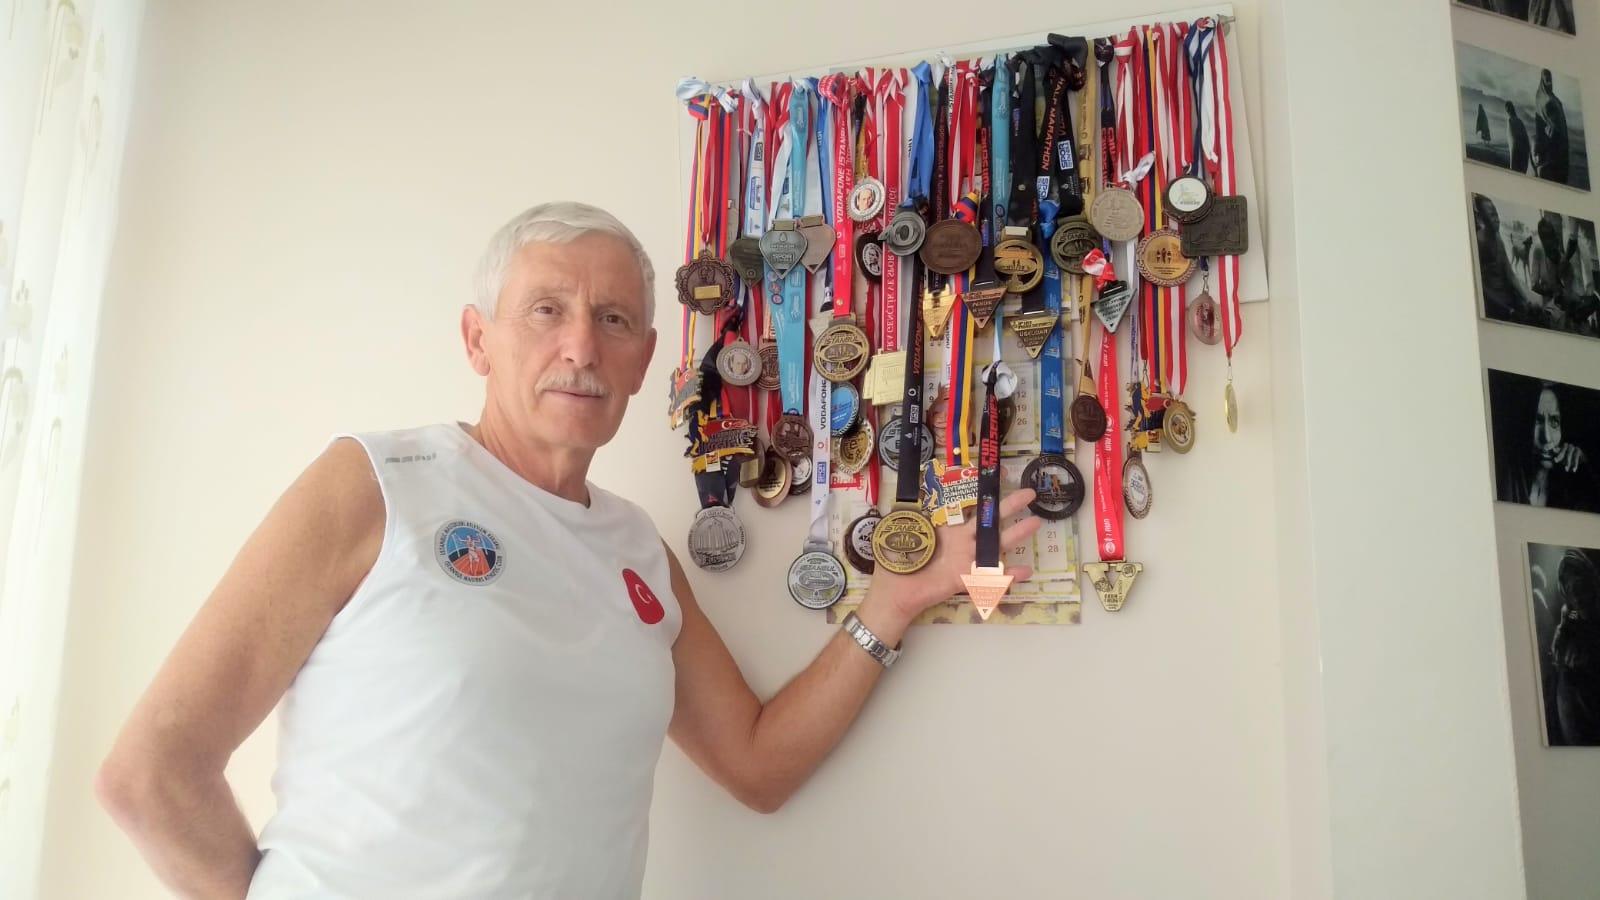 Kırkından sonra Kemal Ertik hayatını madalyalarla doldurdu